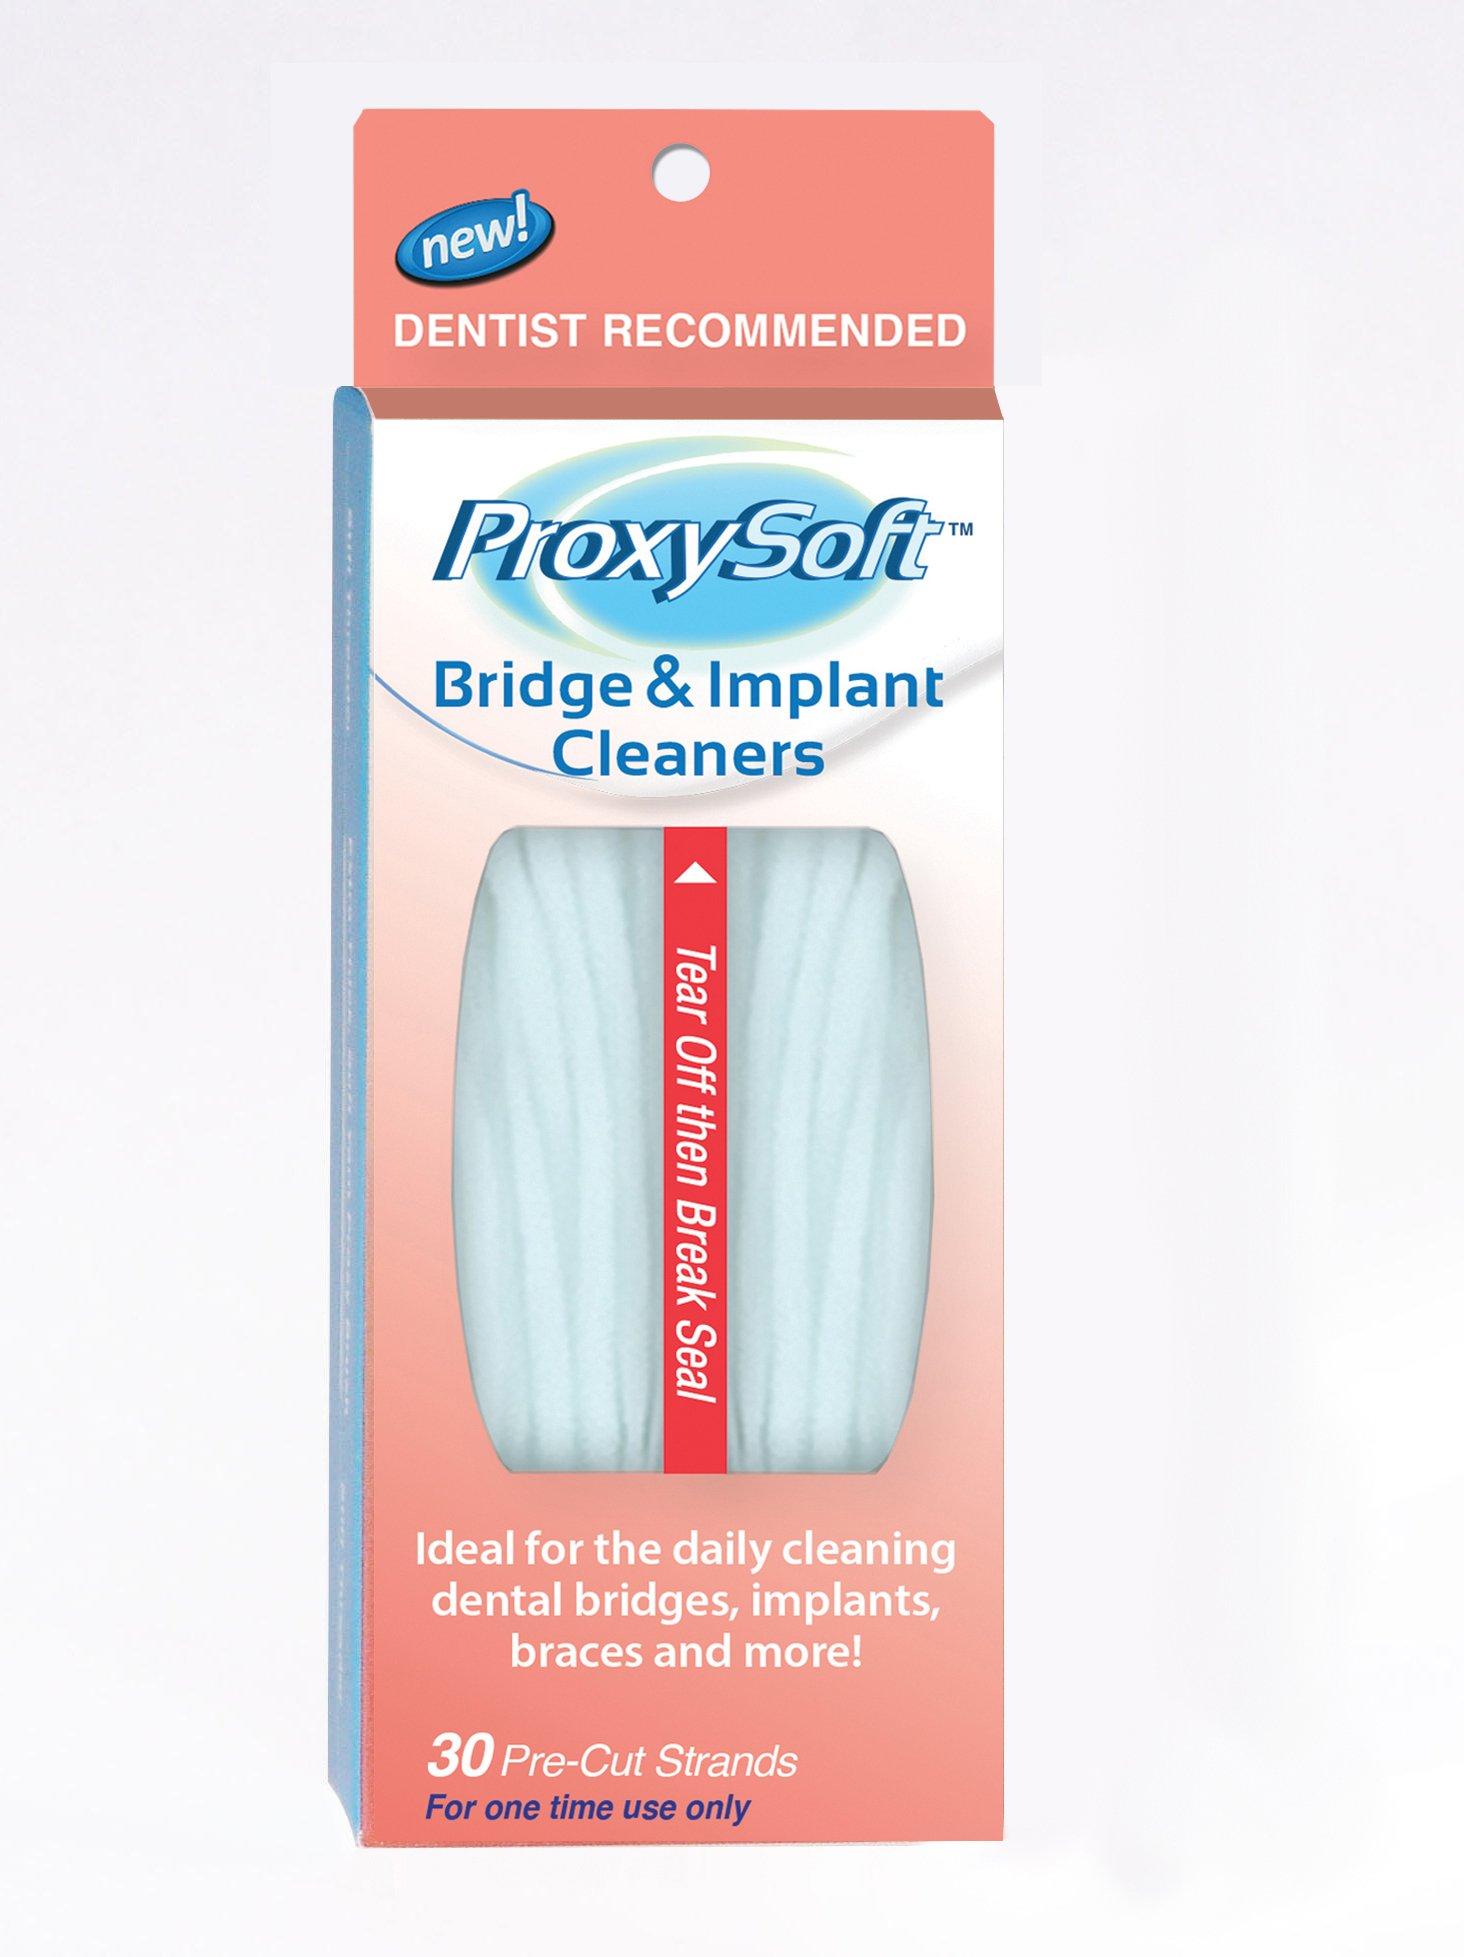 Dental Floss for Bridges and Implants, 20 Packs - Implant Floss Threaders for Bridges with Extra-Thick Proxy Brush for Optimal Oral Hygiene - Bridge and Implant Cleaners by ProxySoft by Proxysoft